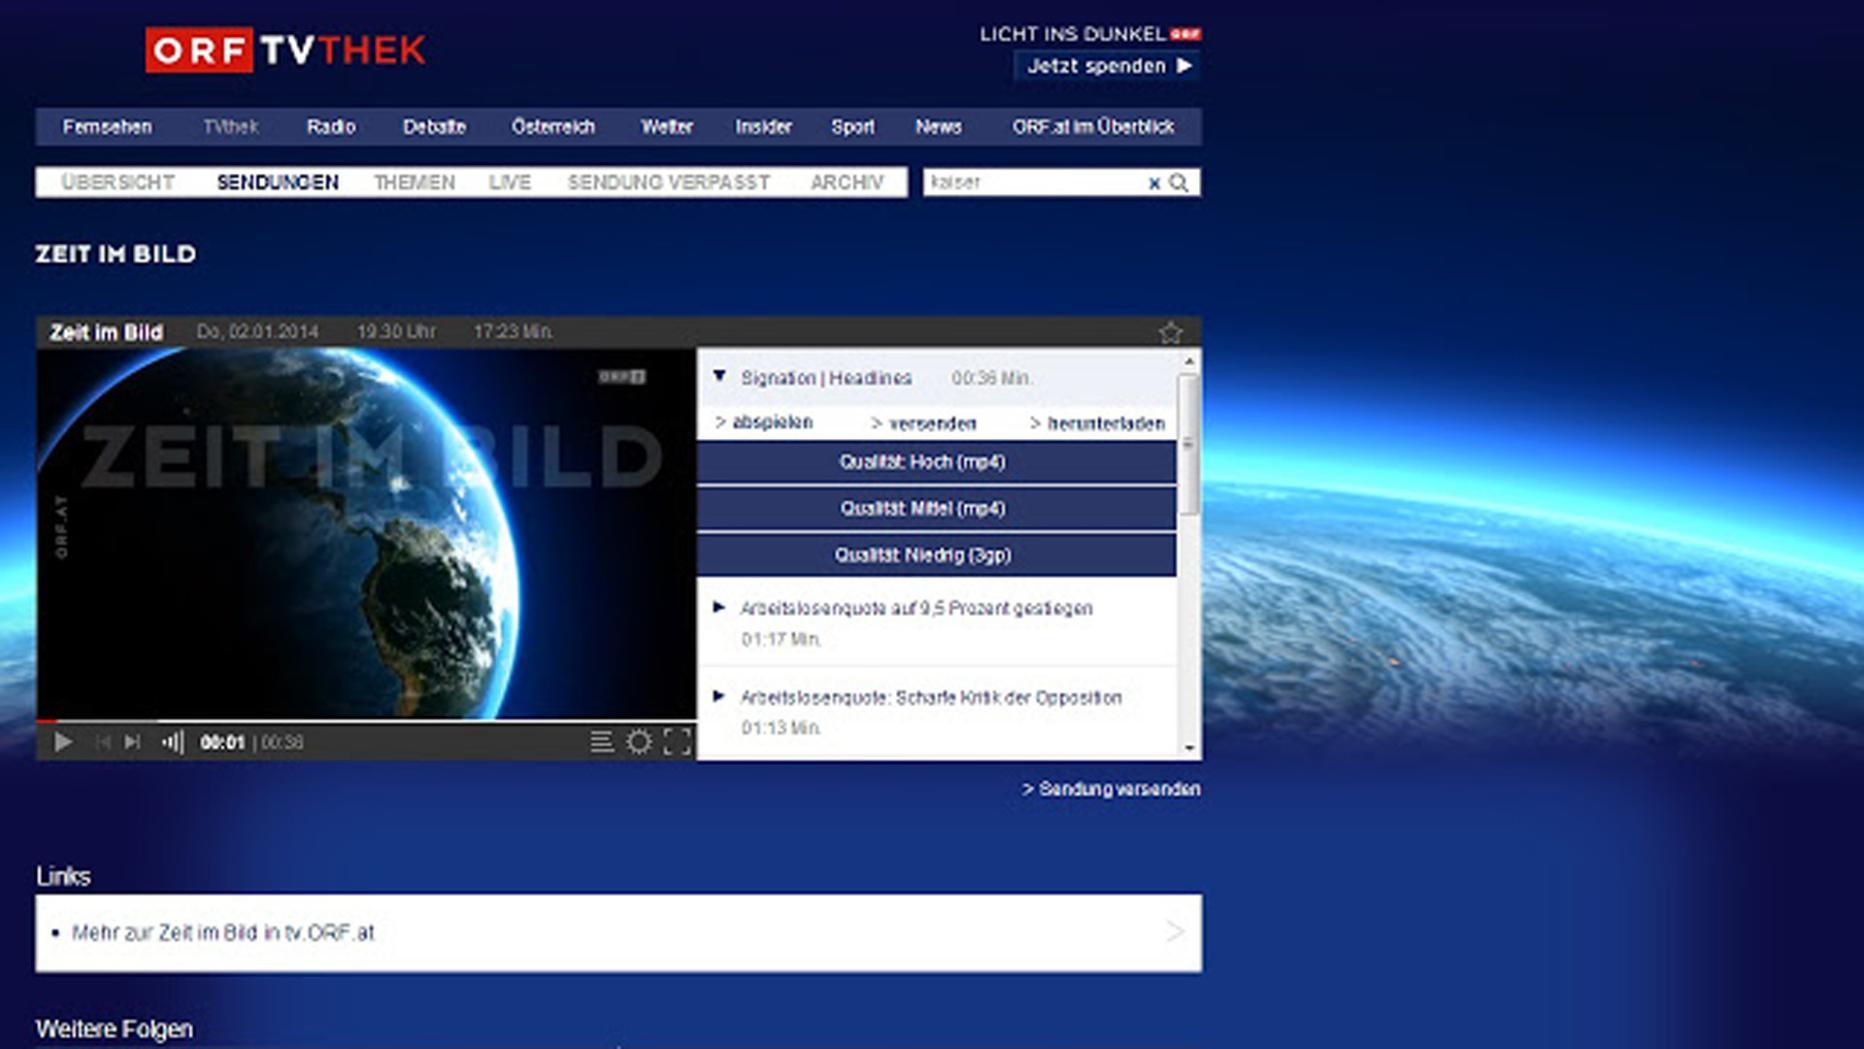 orf-tvthek-downloader herunterladen